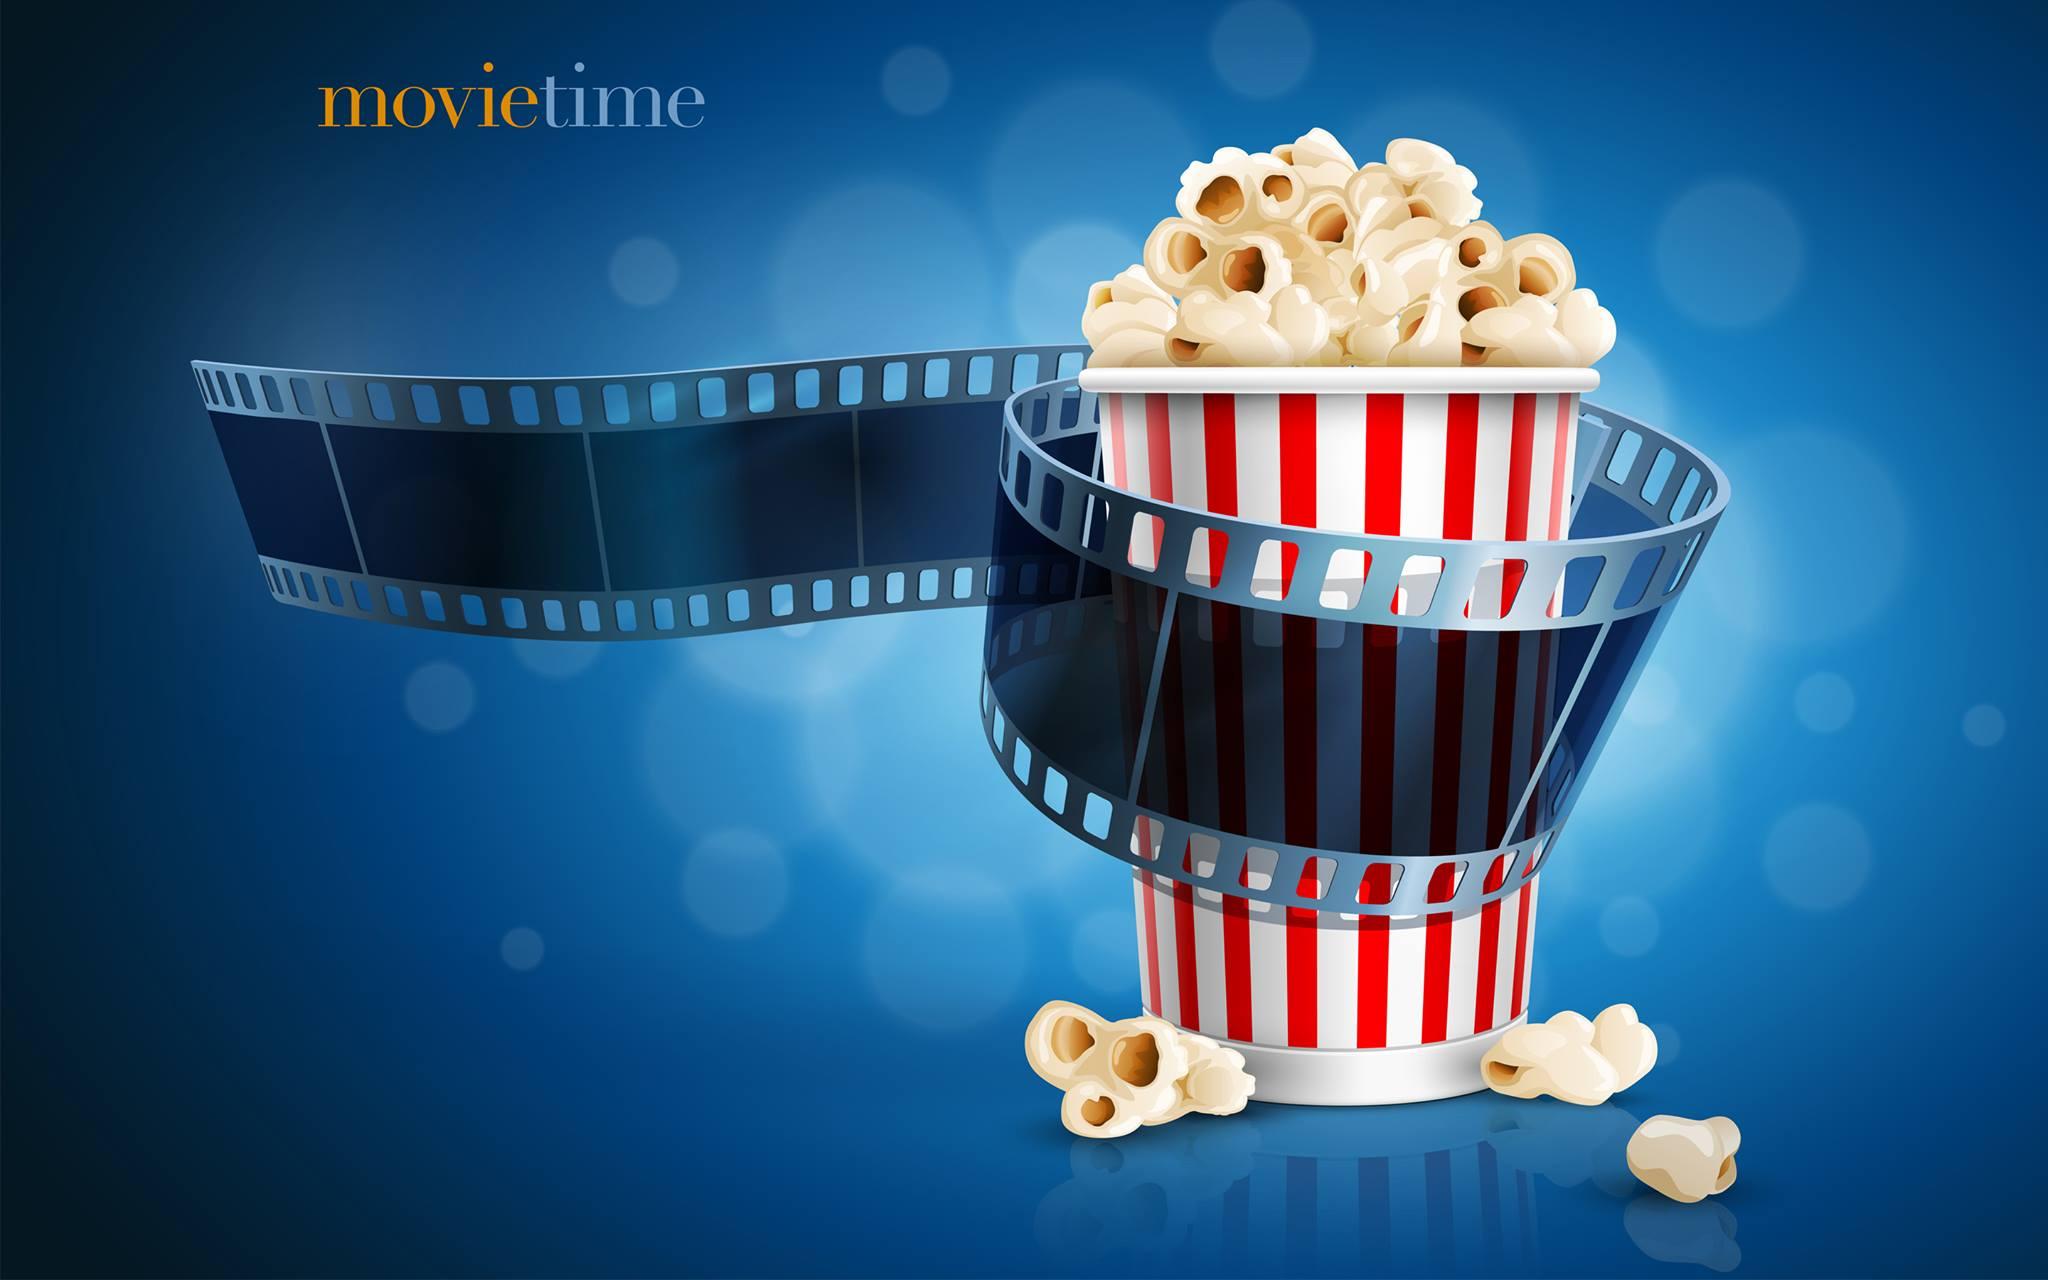 Taste of Short Movies, Biblioteca Județeană Oradea